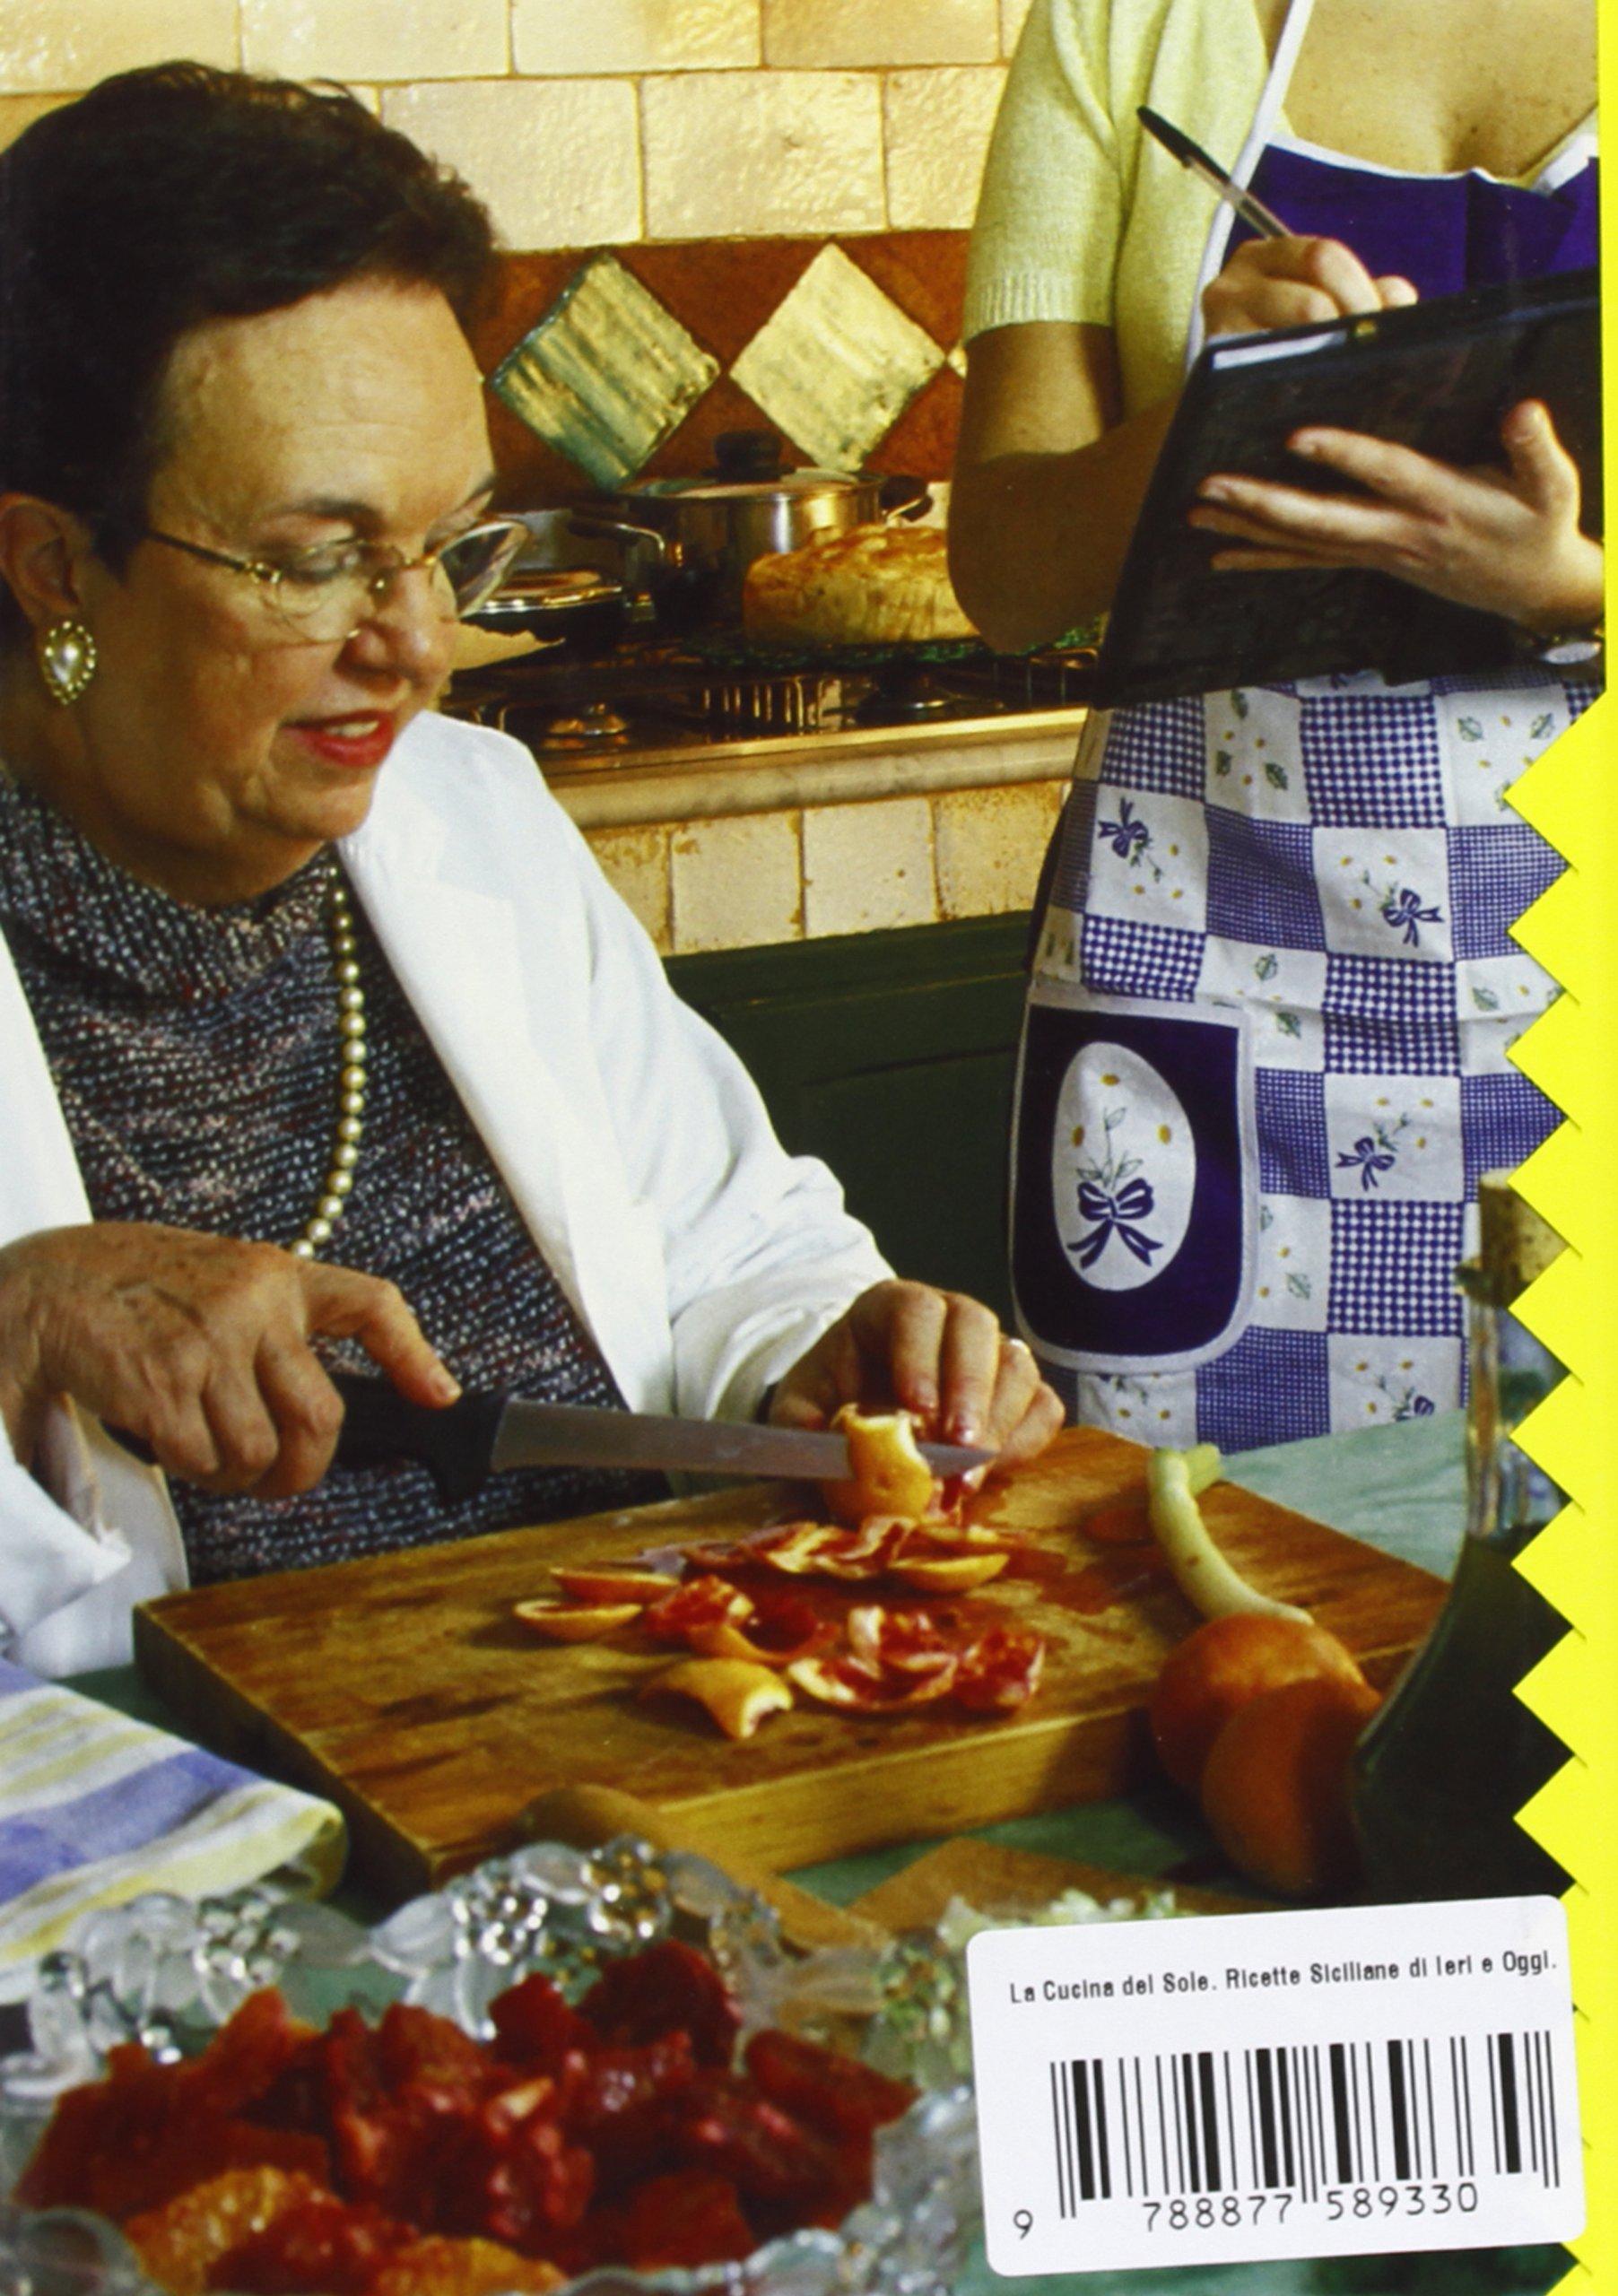 la cucina del sole: 9788877589330: amazon.com: books - La Cucina Del Sole